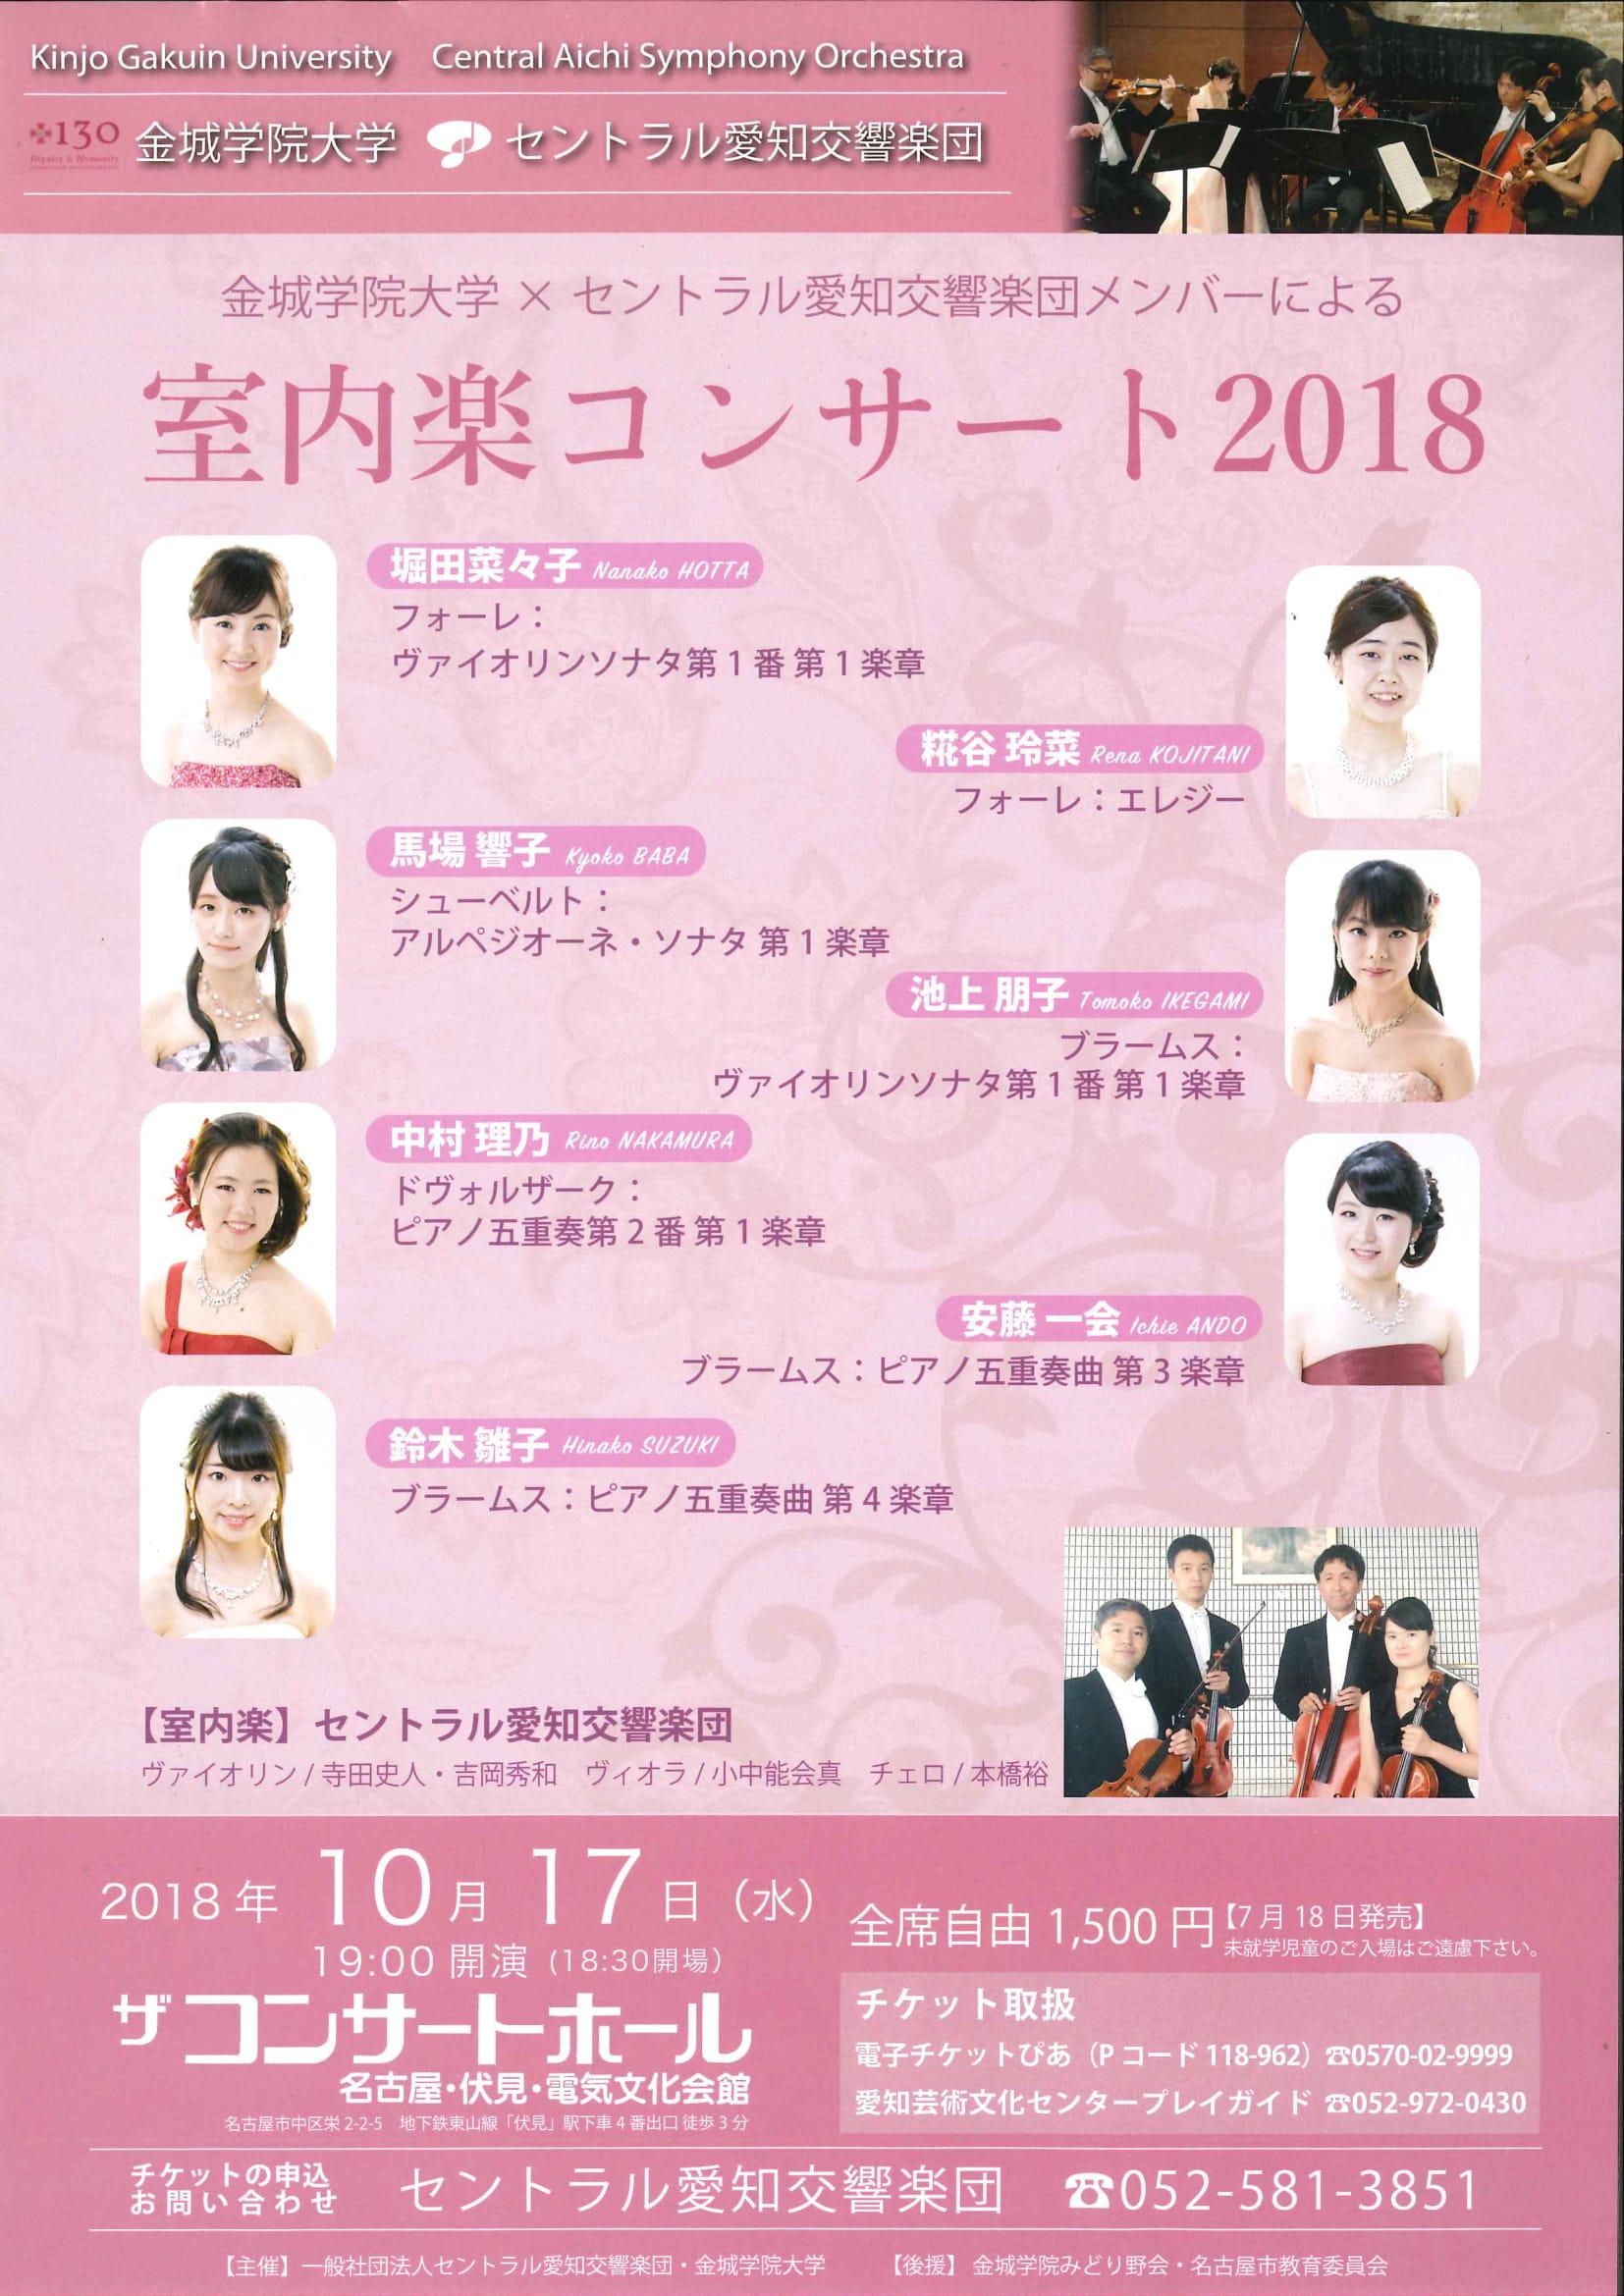 金城学院大学×セントラル愛知交響楽団メンバーによる室内楽コンサート2018